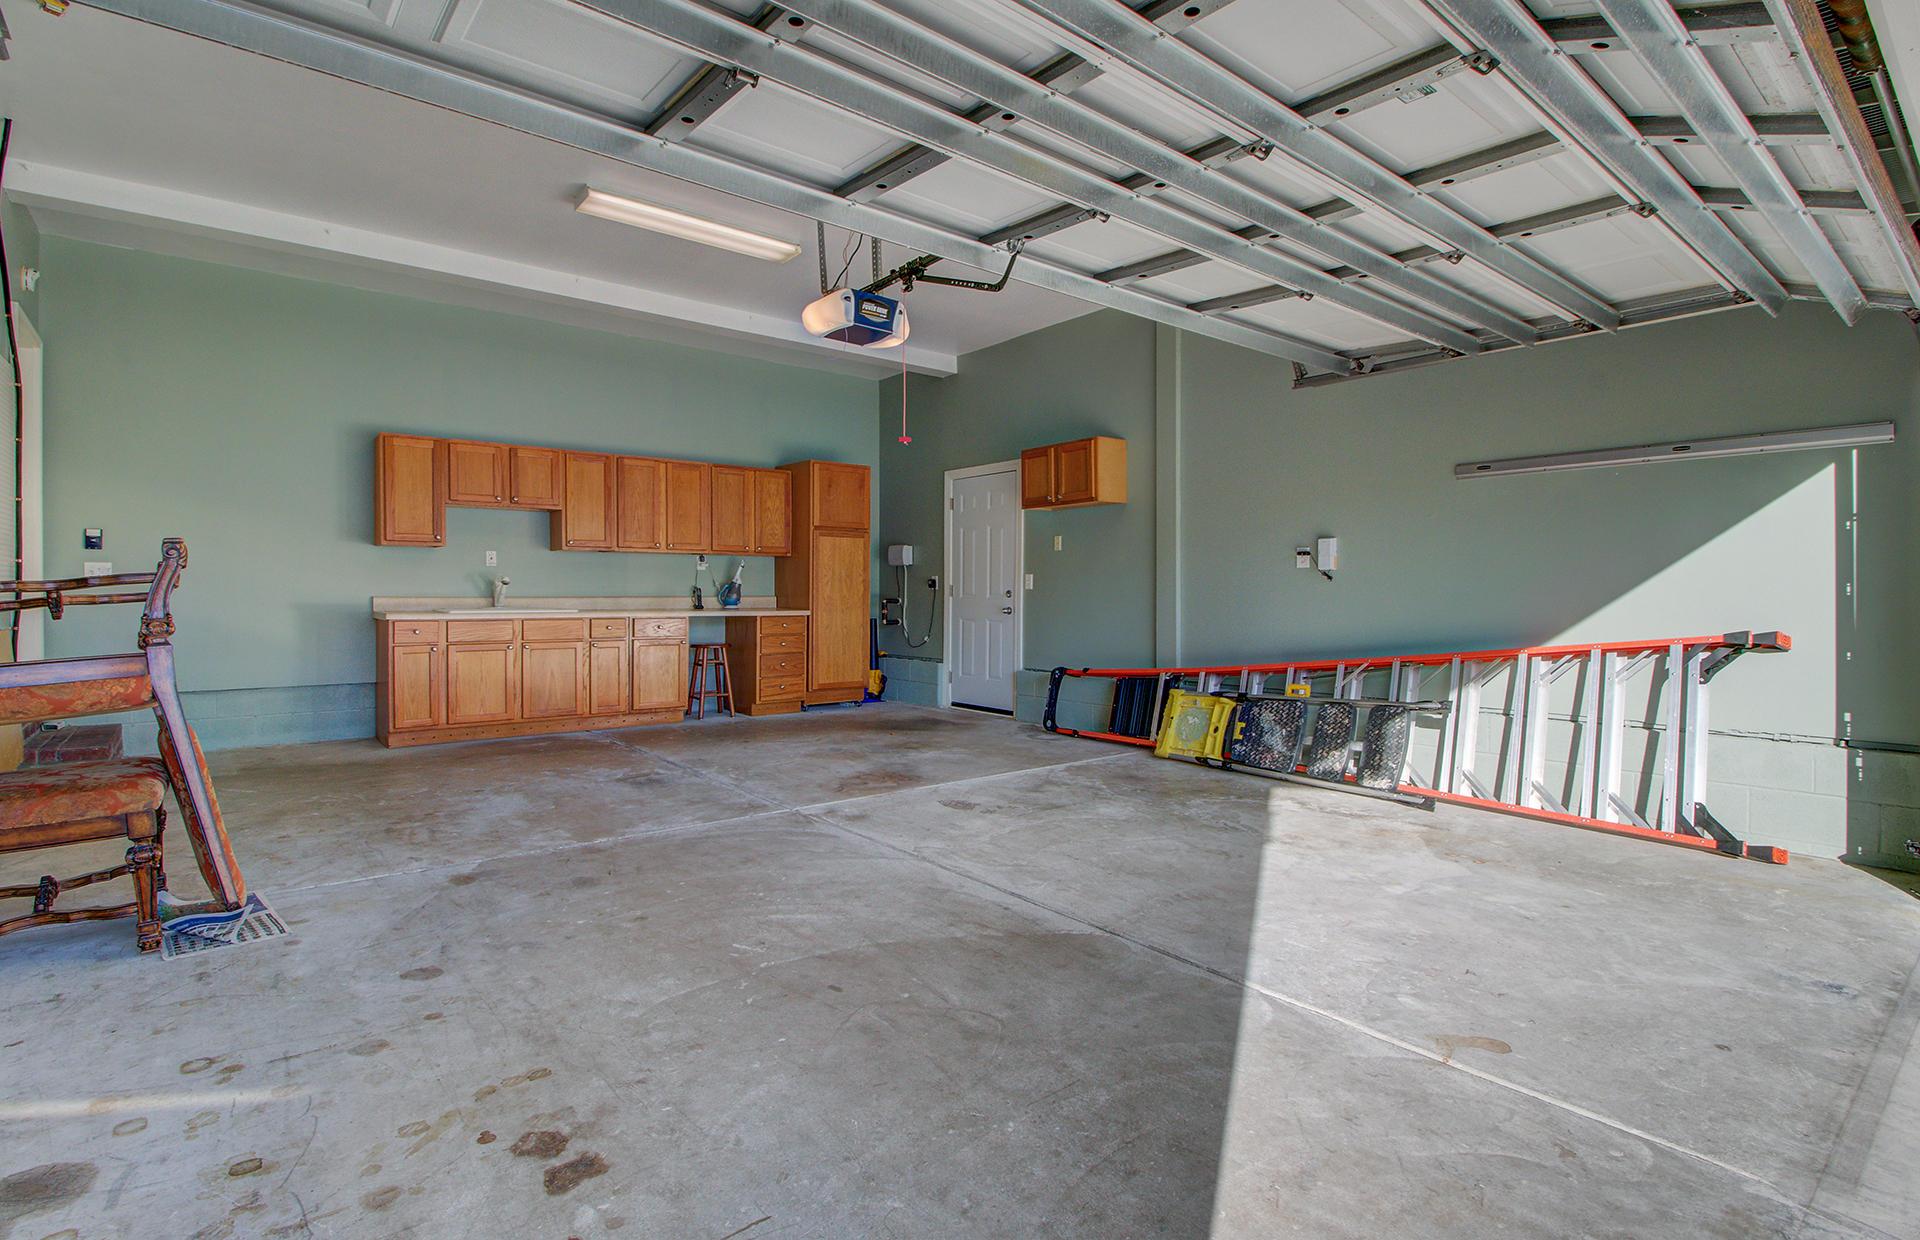 107 Plank Court Summerville, Sc 29485